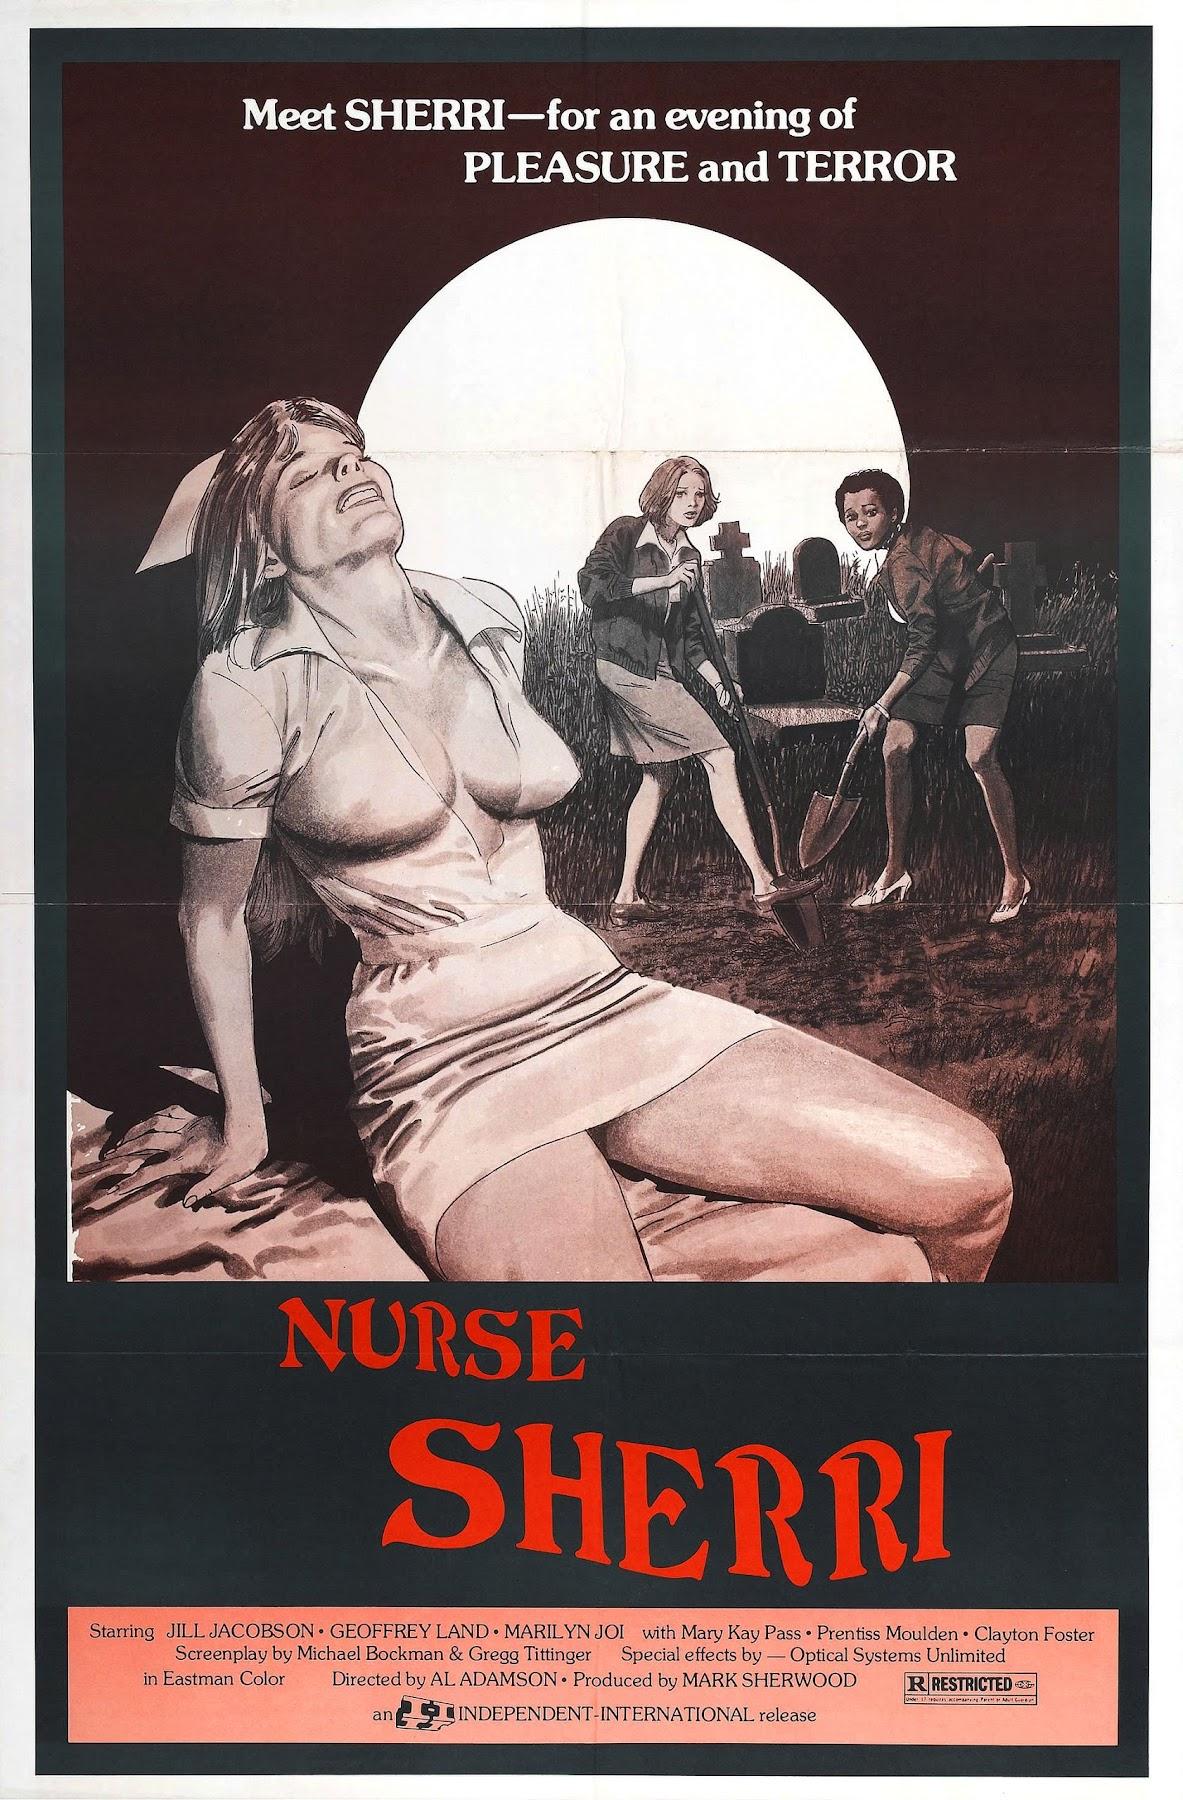 http://2.bp.blogspot.com/-RqGK2wbi7mE/TjLiKKIKLhI/AAAAAAAAM_Y/MCQe6oX_AmQ/s1800/Nurse+sherri+-+black+voodoo+-+al+adamson+-+1978+-+poster001.jpg